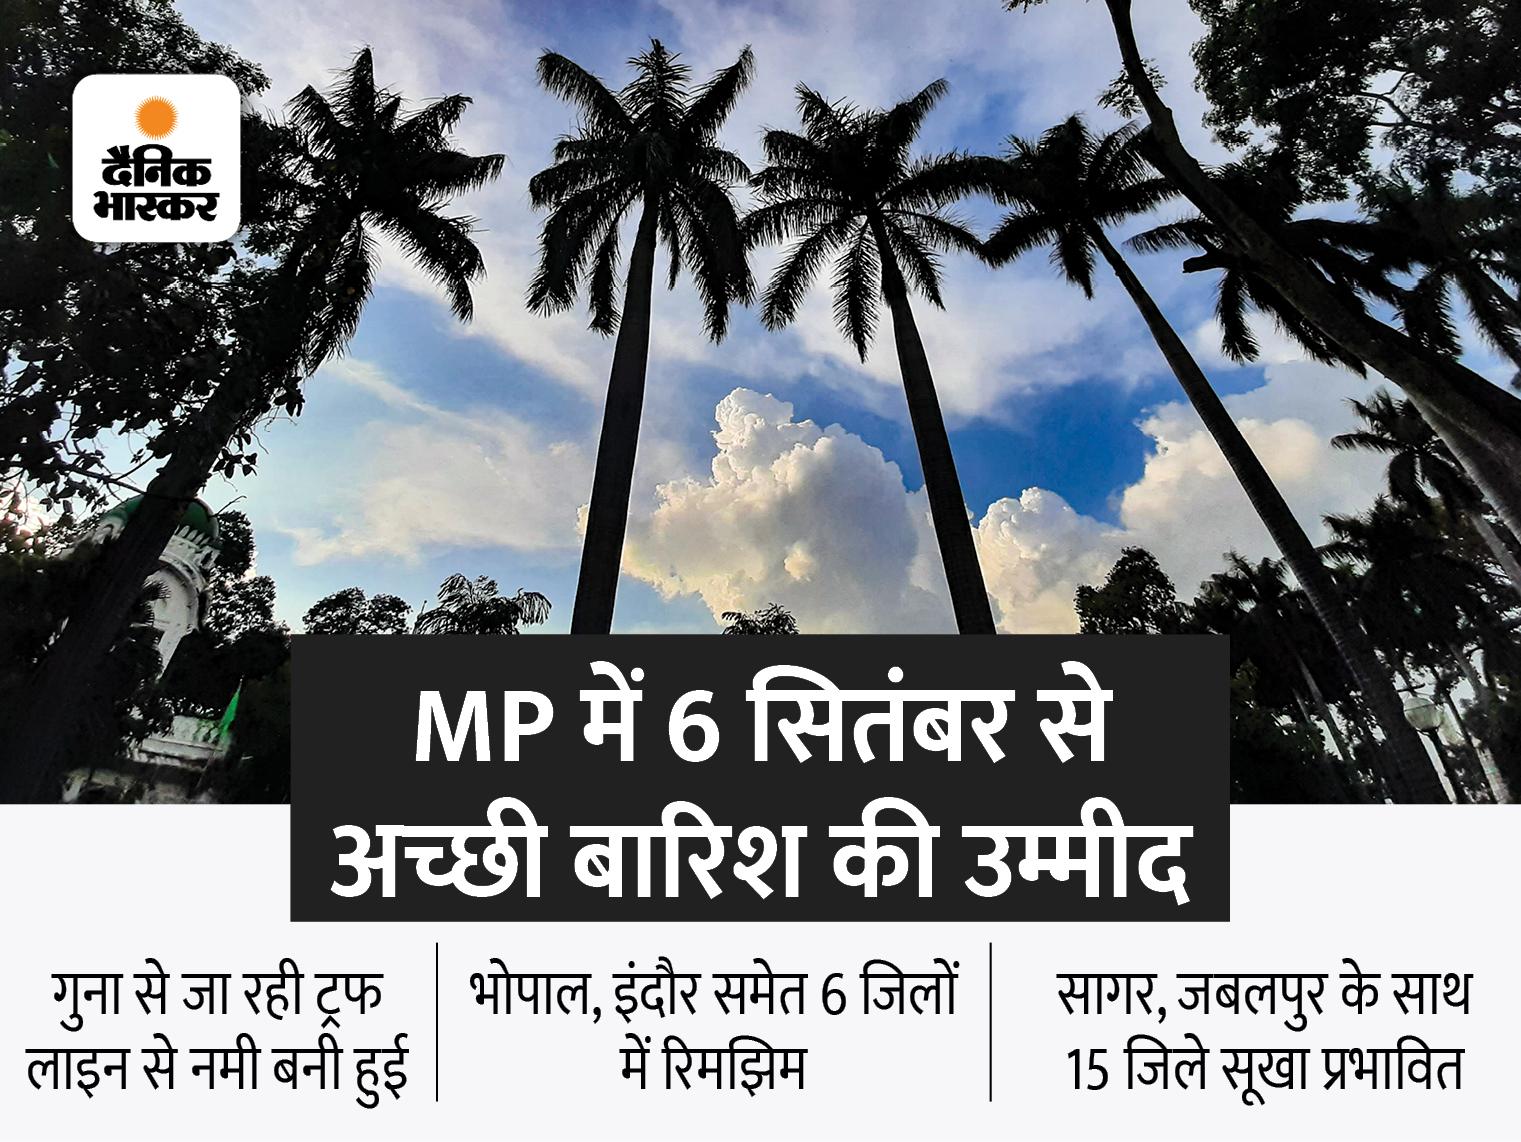 भोपाल, इंदौर, जबलपुर समेत 6 जिलों में गरज-चमक के साथ बारिश; 15 जिले सूखे की चपेट में|मध्य प्रदेश,Madhya Pradesh - Dainik Bhaskar